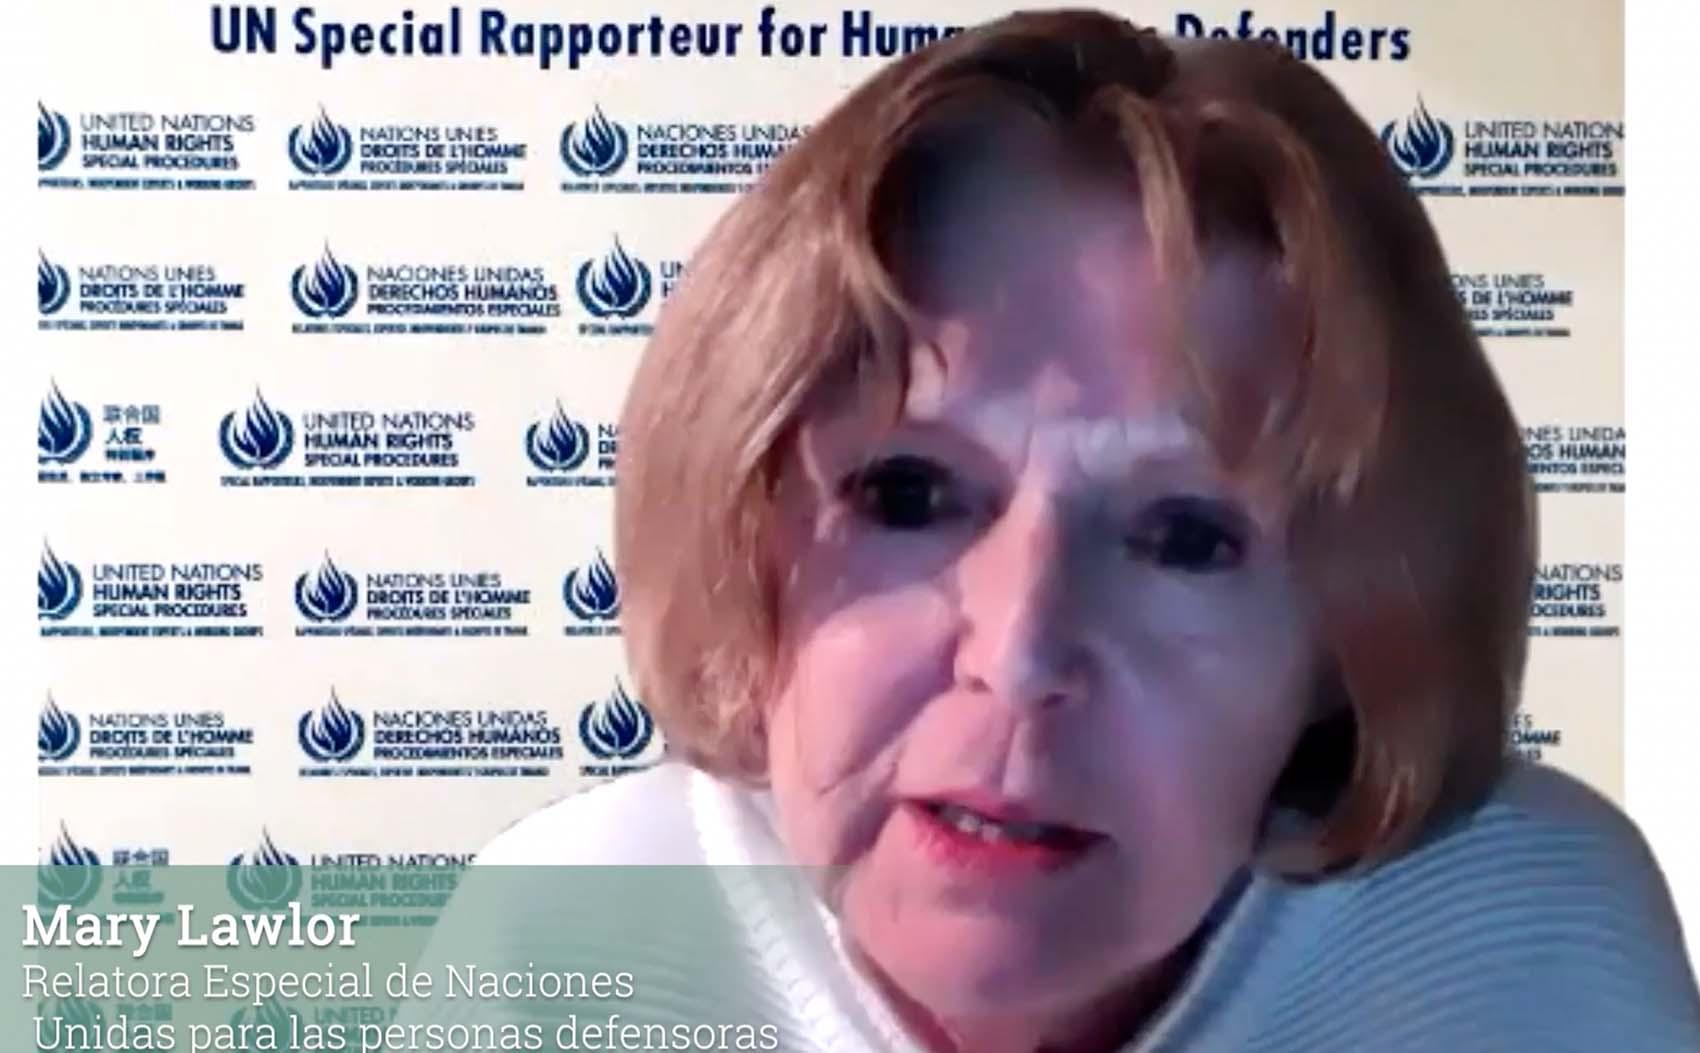 México es uno de los países donde más personas defensoras son asesinadas, Relatora Especial de la ONU